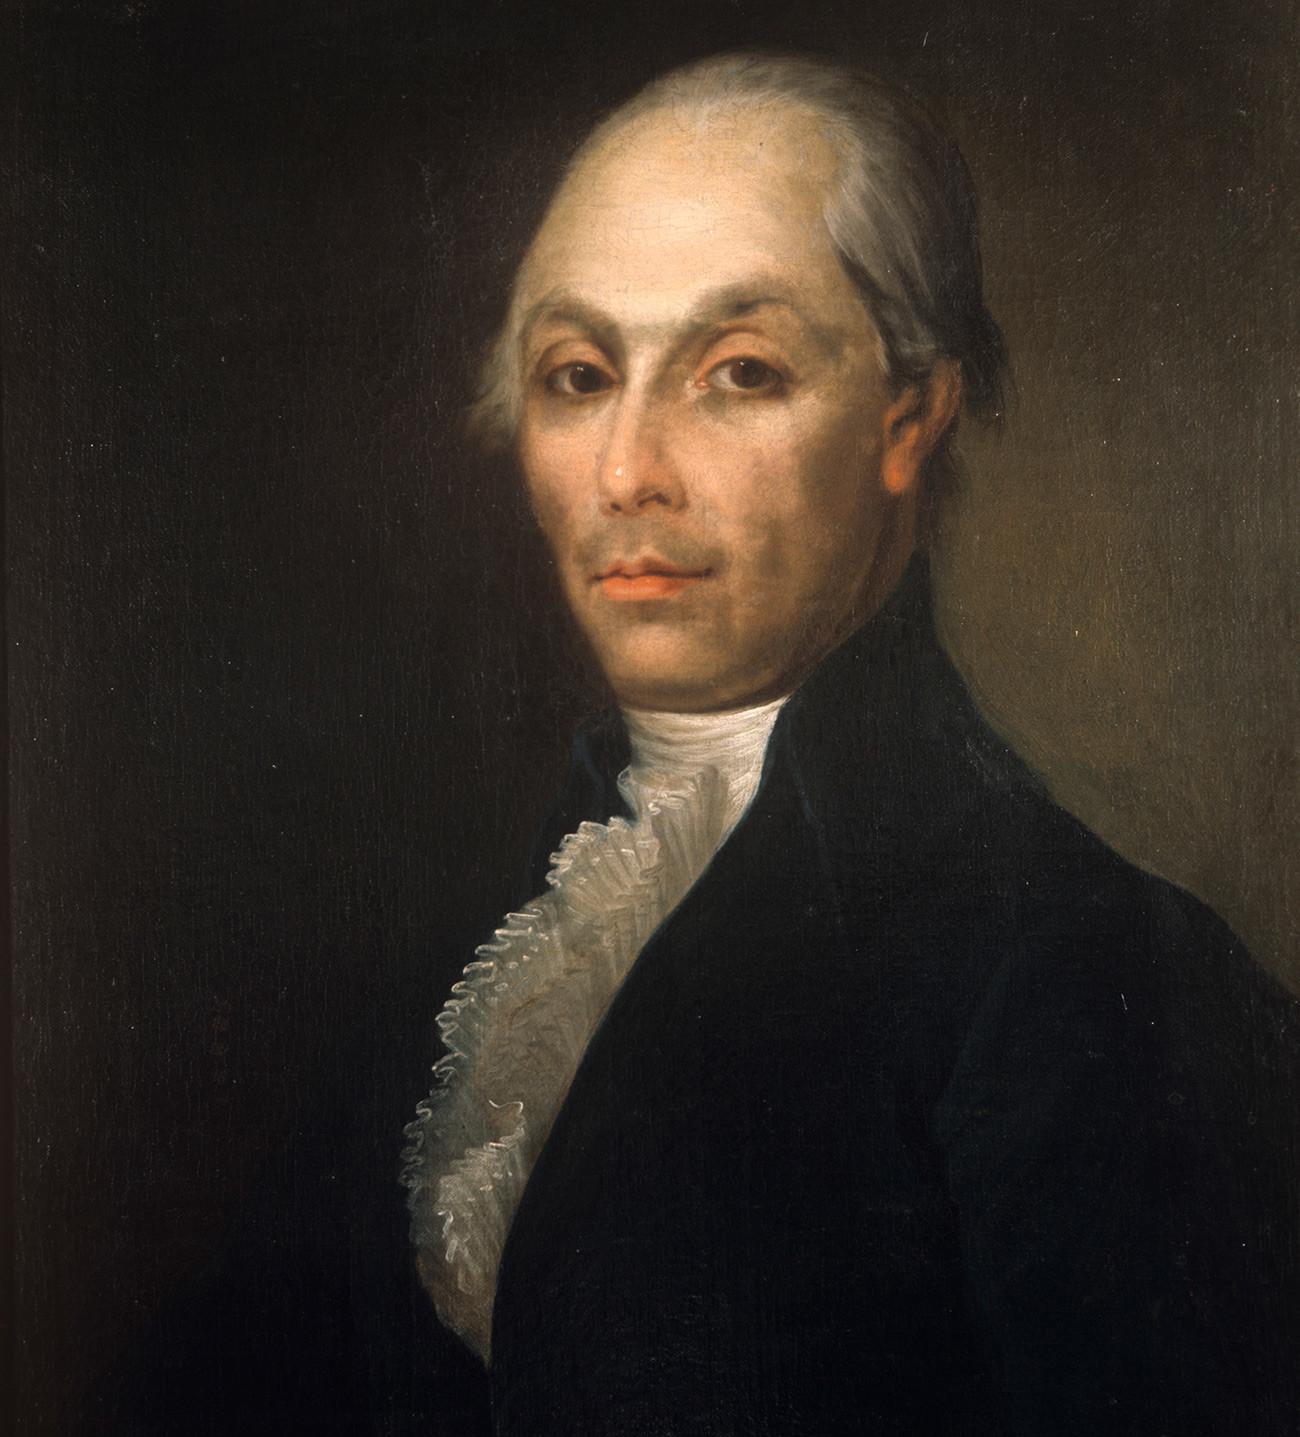 アレクサンドル・ラジーシチェフの肖像画。18世紀。画家は不明。